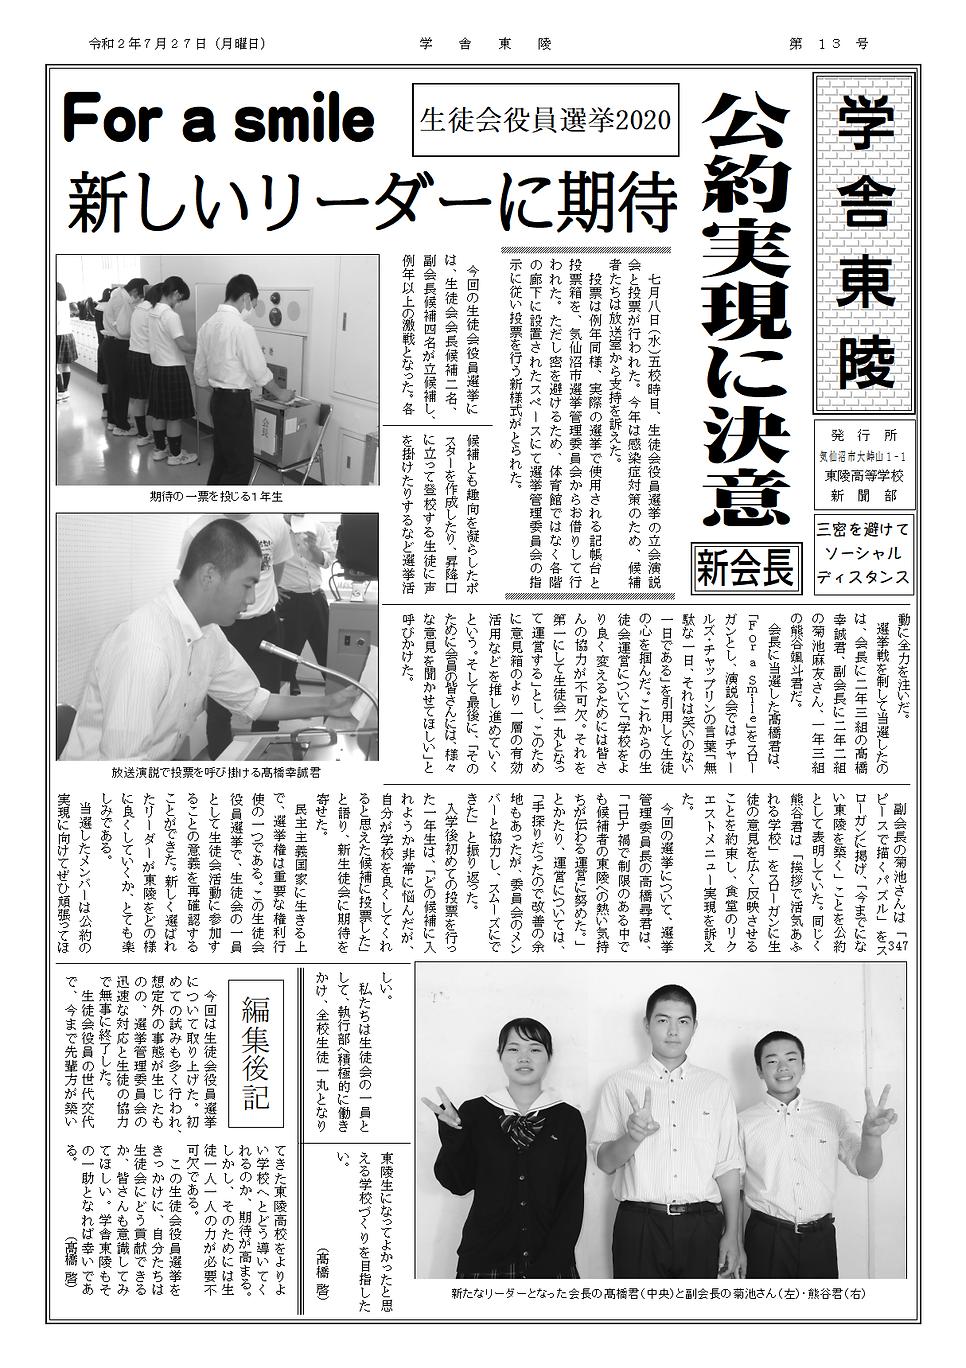 学舎東陵200727-印刷用.png